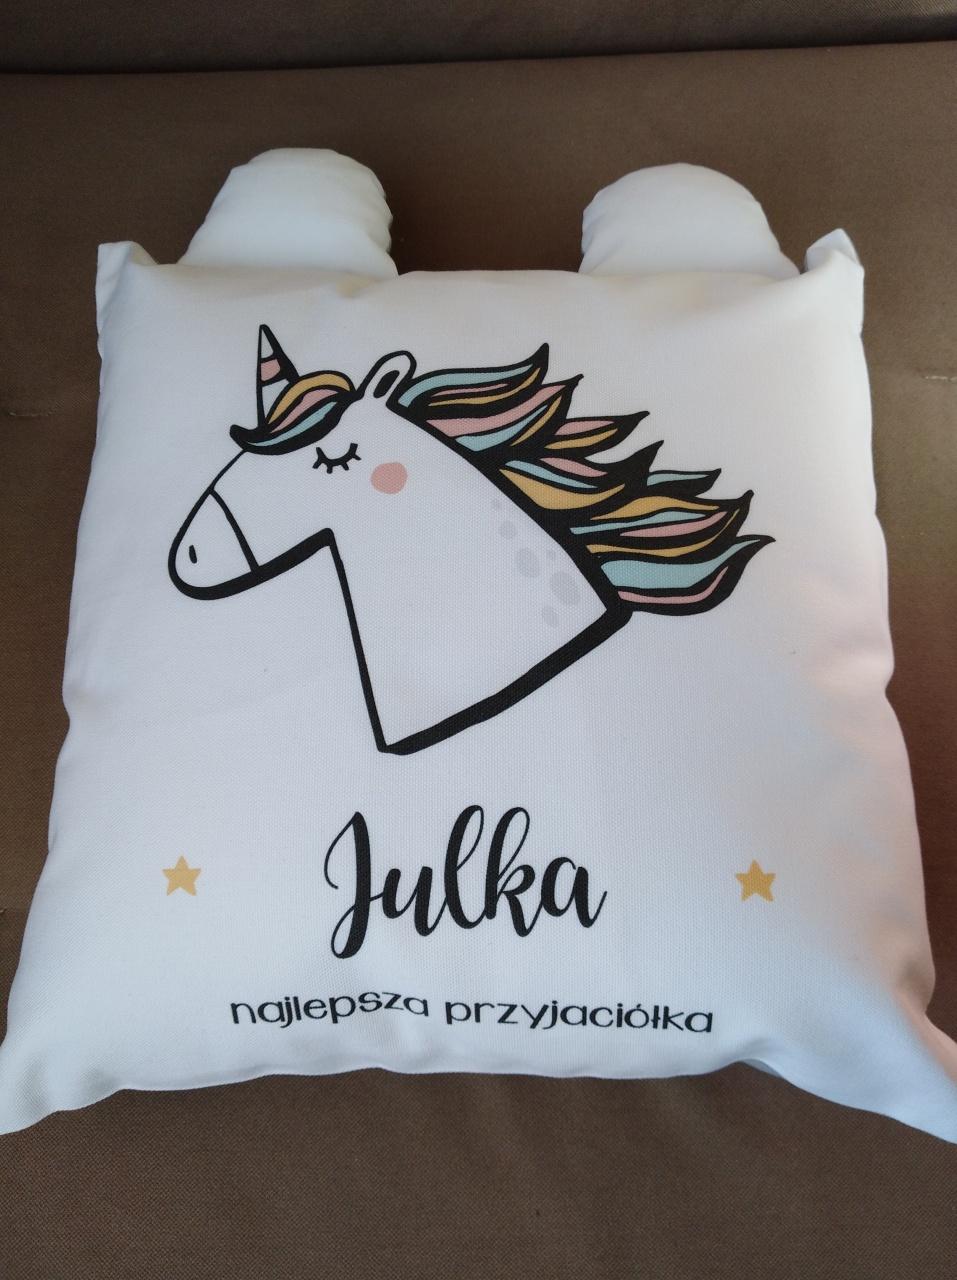 164892fba6f28e Zdjęcie osoby, która kupiła Personalizowana poduszka dla dzieci JEDNOROŻEC